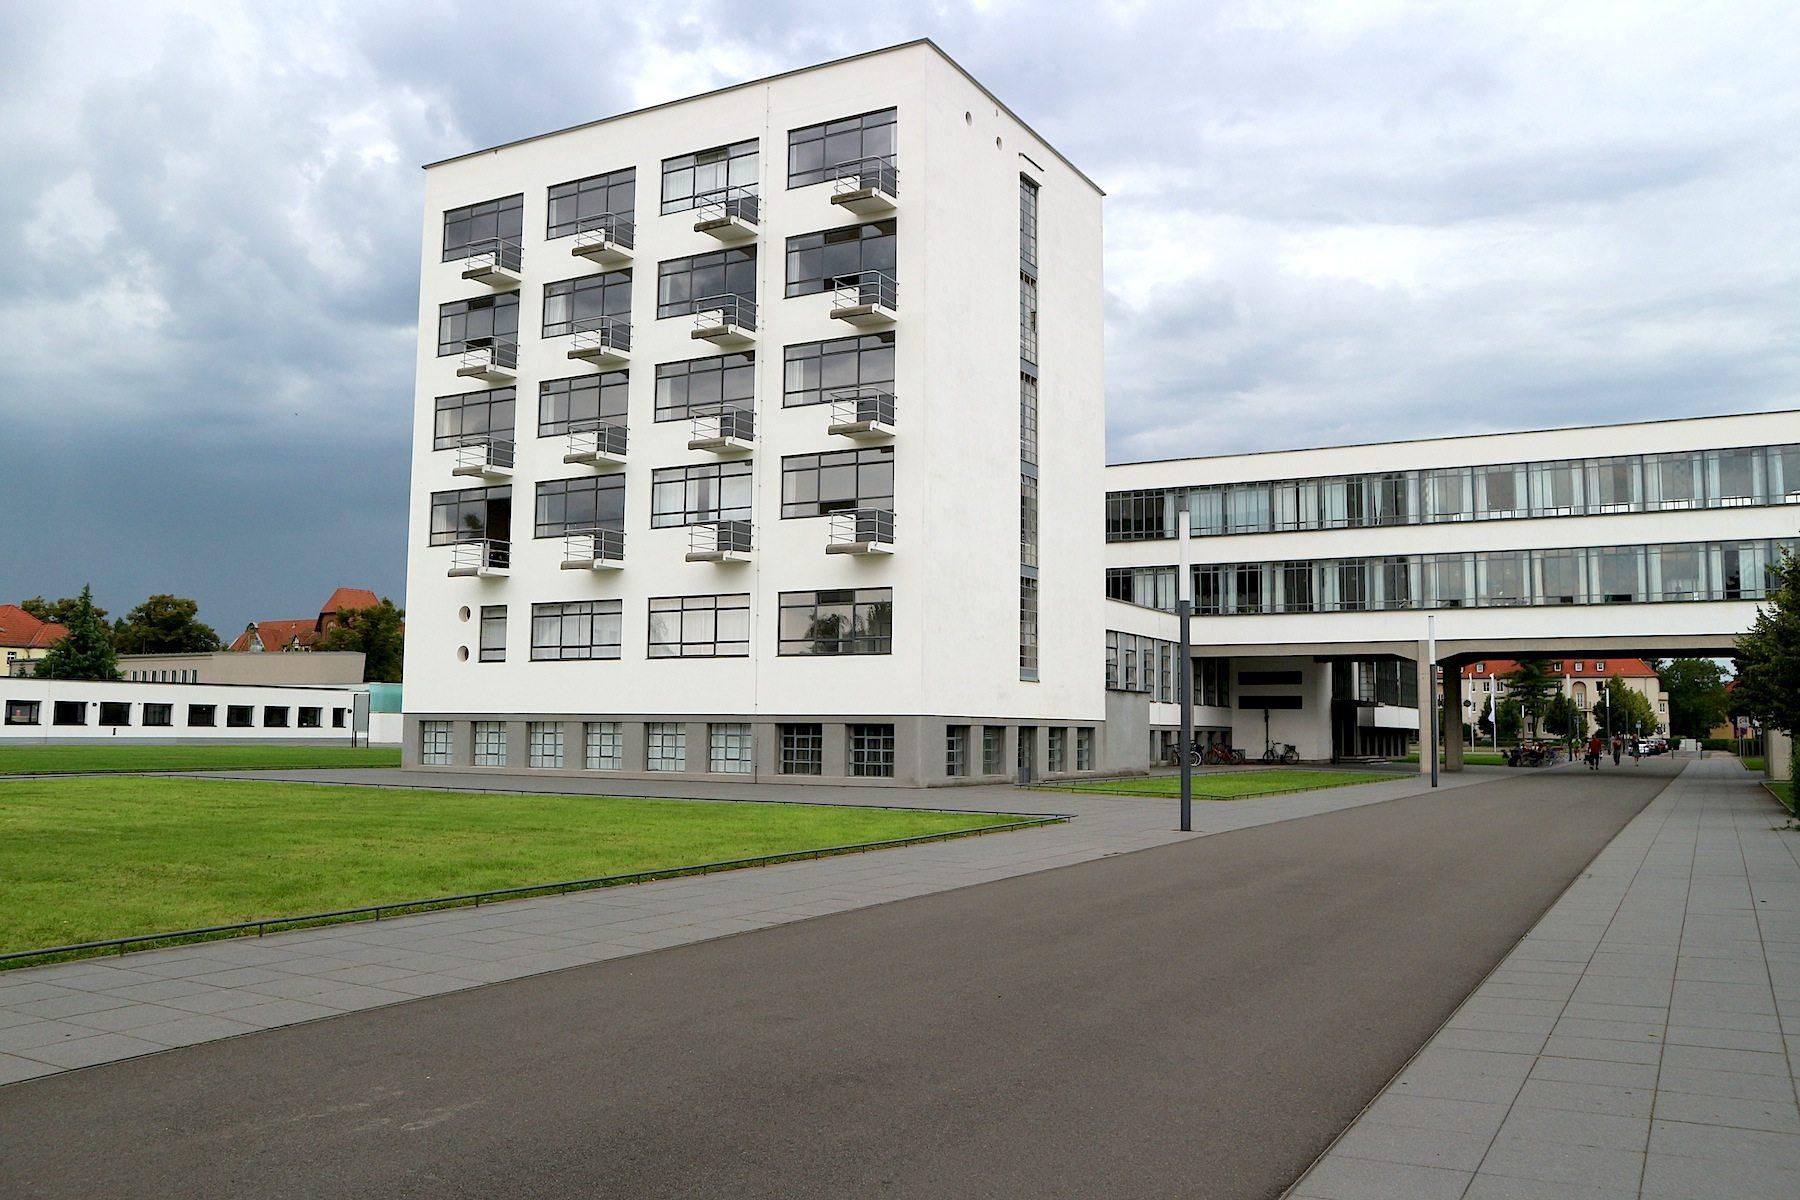 Atelierhaus mit der Brücke.  Das Gebäude wurde von Walter Gropius entworfen und nach anderthalb Jahren Bauzeit 1926 eröffnet.